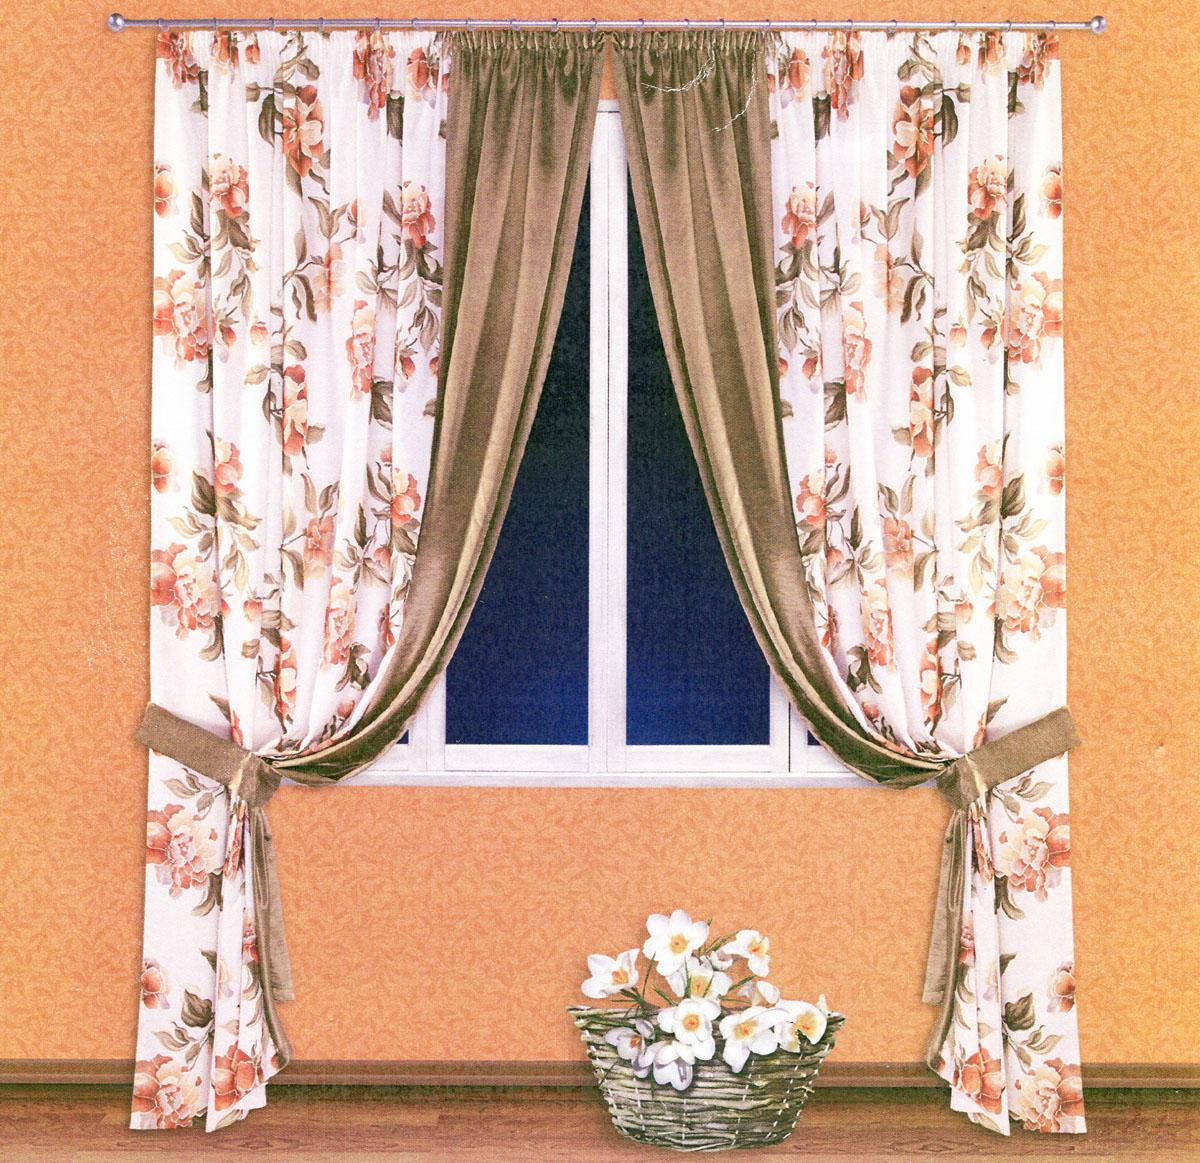 Комплект штор Zlata Korunka, на ленте, цвет: белый, оливковый, высота 250 см. 5552255522Роскошный комплект штор Zlata Korunka, выполненный из сатина и шанзализе (100% полиэстера), великолепно украсит любое окно. Комплект состоит из двух портьер и двух подхватов. Плотная ткань, цветочный принт и приятная, приглушенная гамма привлекут к себе внимание и органично впишутся в интерьер помещения. Комплект крепится на карниз при помощи шторной ленты, которая поможет красиво и равномерно задрапировать верх. Портьеры можно зафиксировать в одном положении с помощью двух подхватов. Этот комплект будет долгое время радовать вас и вашу семью! В комплект входит: Портьера: 2 шт. Размер (ШхВ): 200 см х 250 см. Подхват: 2 шт. Размер (ШхВ): 60 см х 10 см.